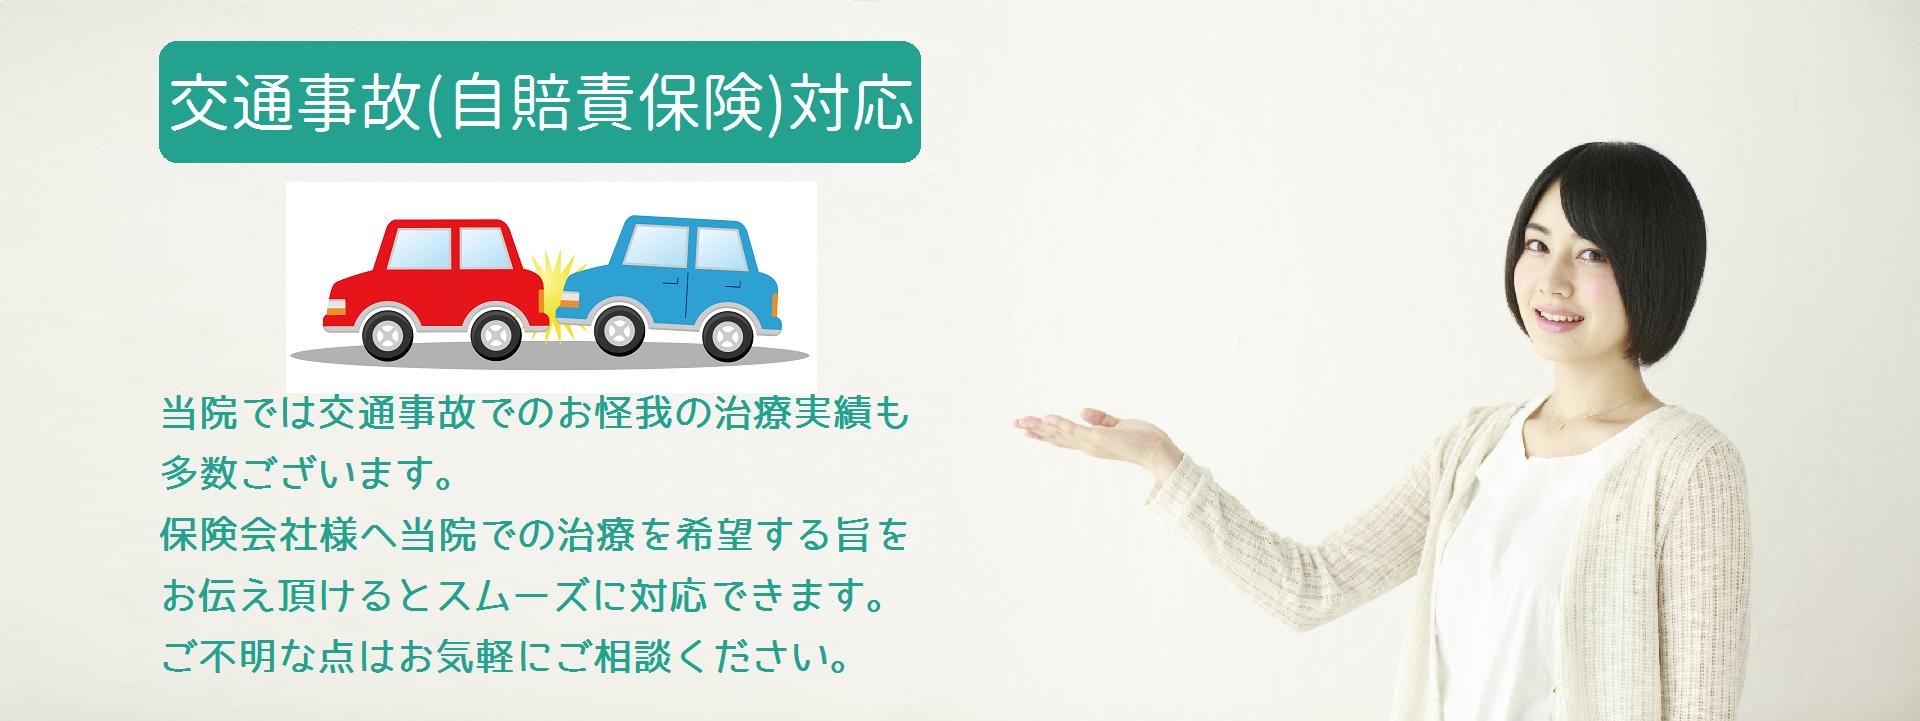 交通事故による、むちうち、腰痛、打撲、捻挫、骨折など、症状改善に向けての通院は、お気軽にご相談ください。